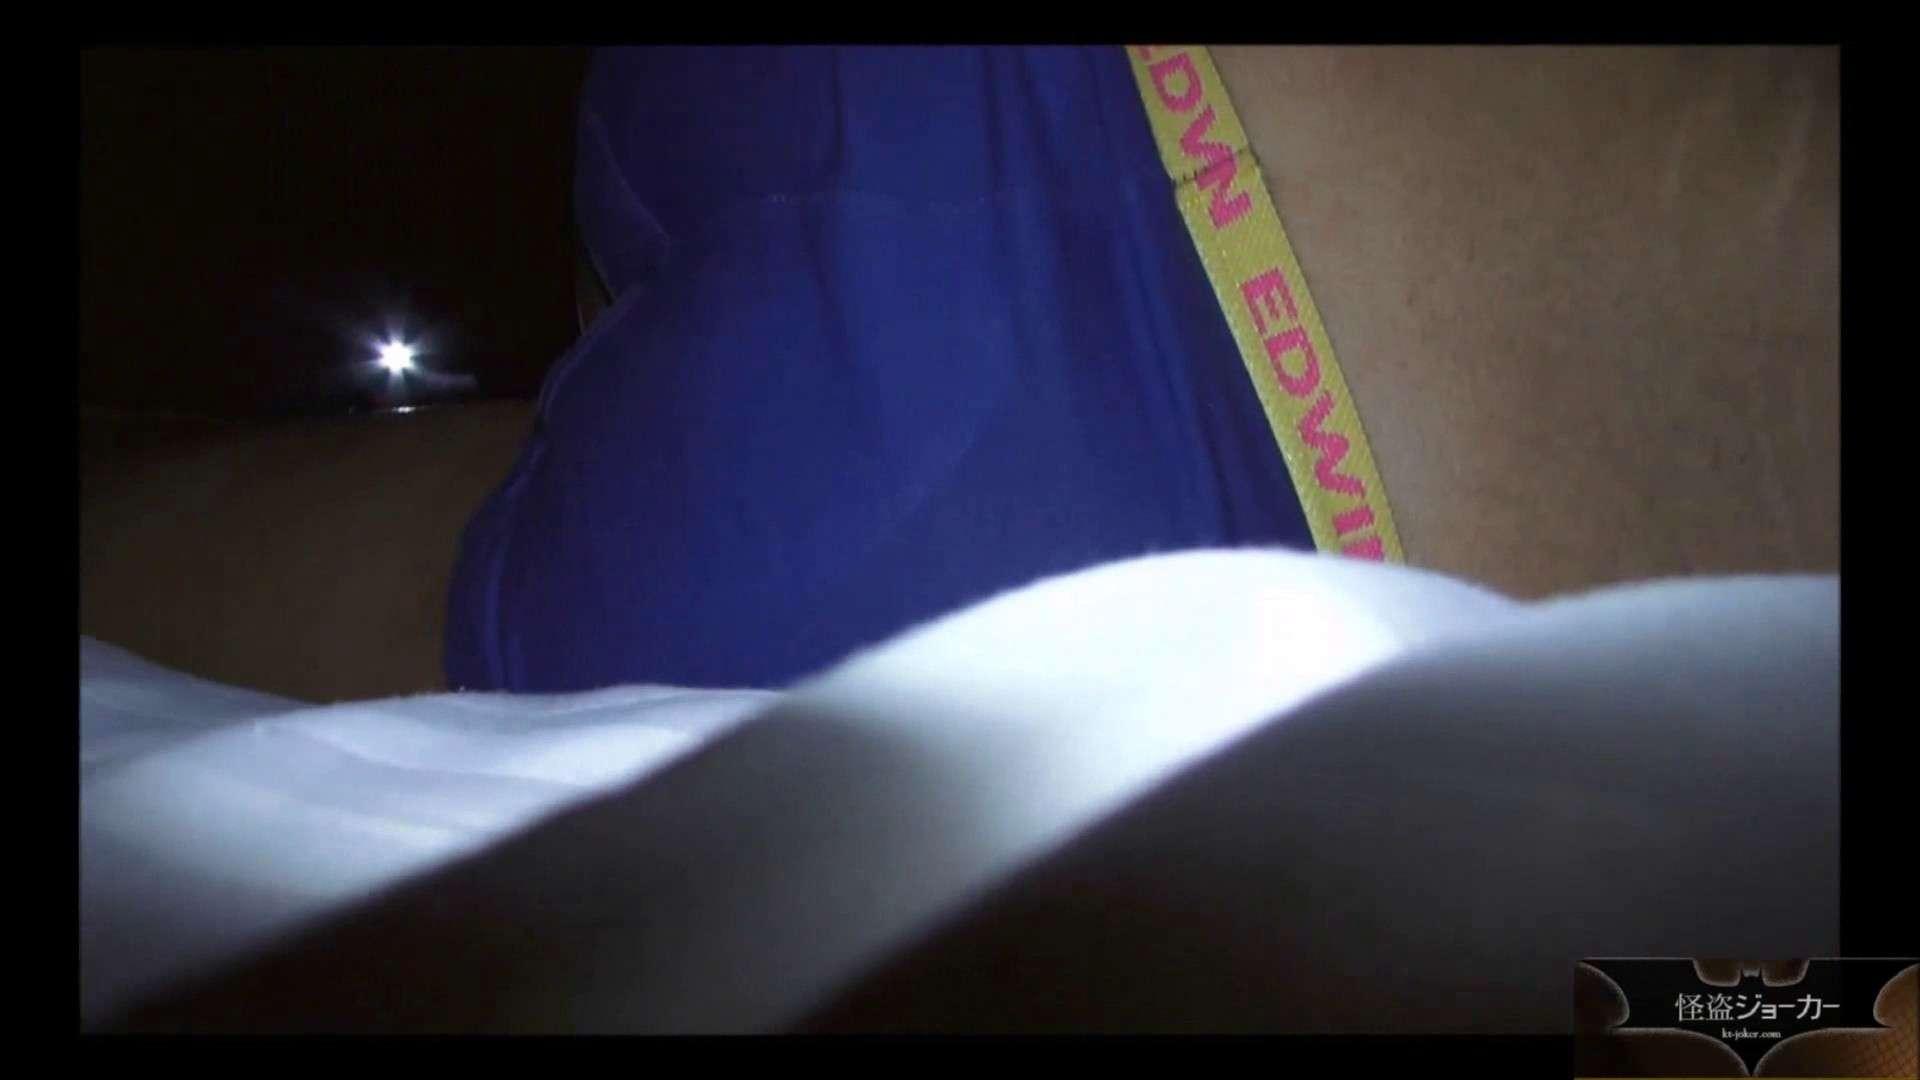 【未公開】vol.65 {黒髪美少女18歳}AIちゃん、連れ込み悪戯③ 車 AV無料 93pic 78